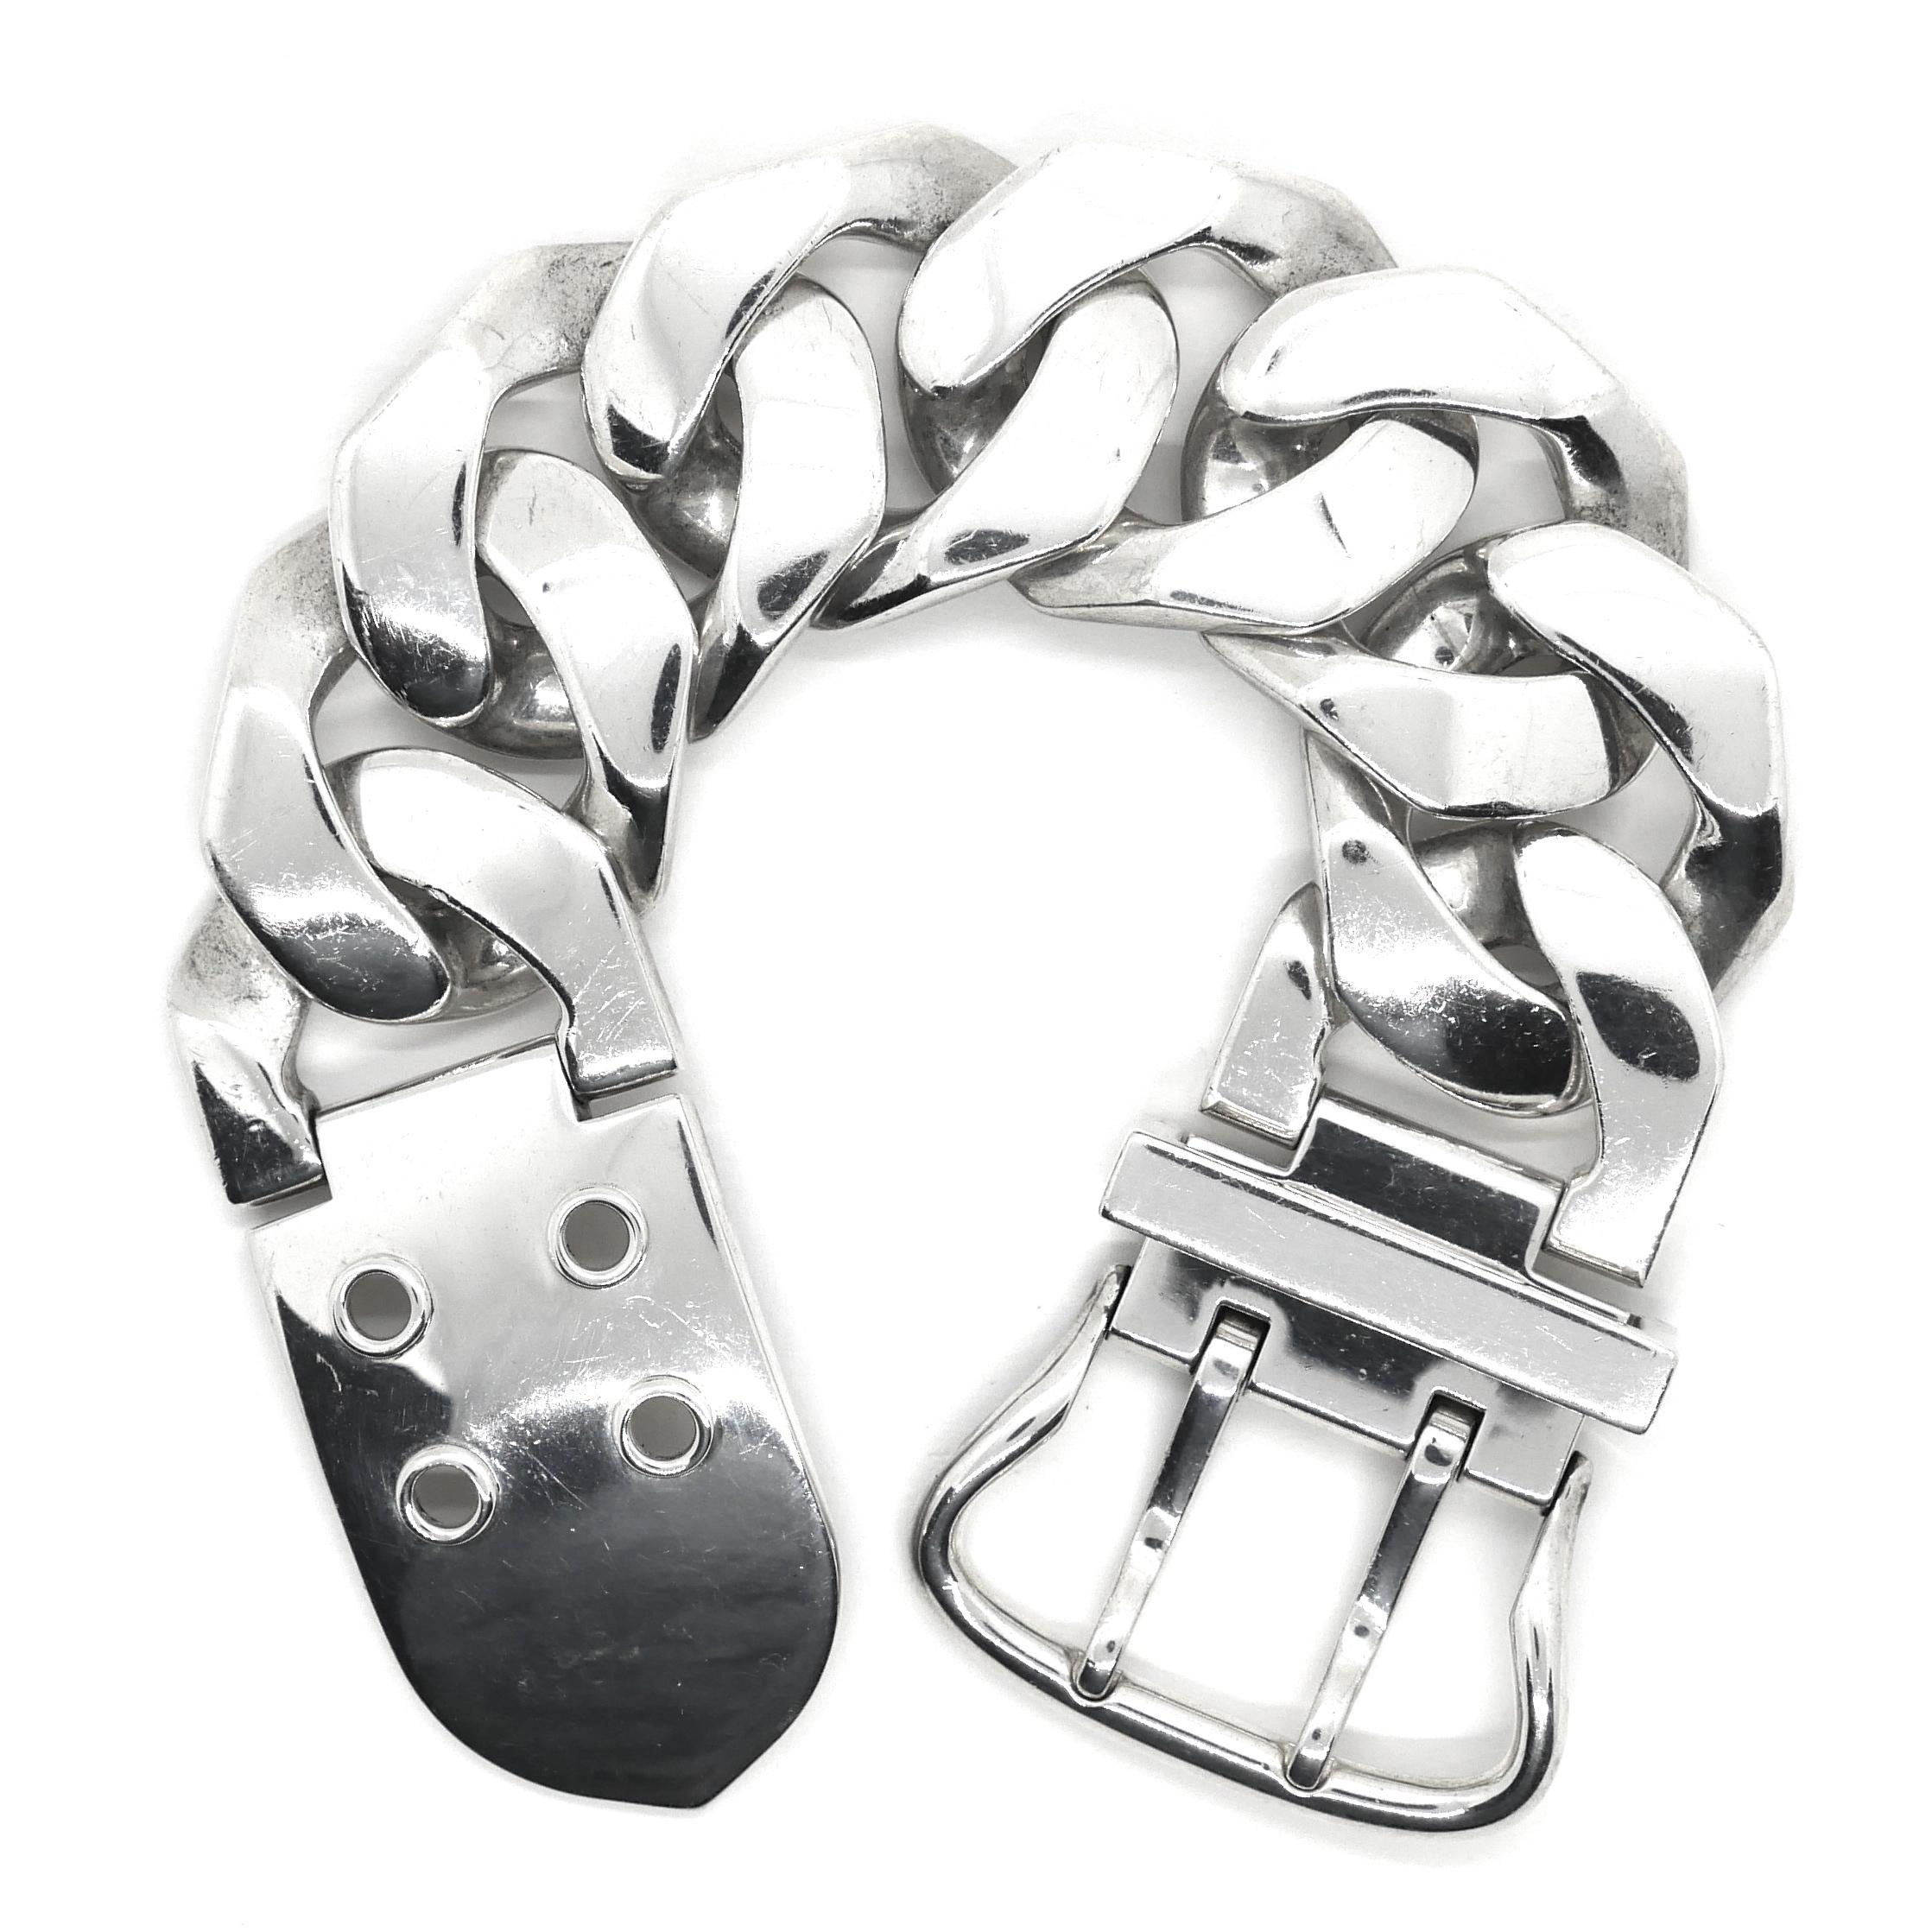 9330409fc417 Hermès(エルメス)のヴィンテージジュエリー。 Boucle Sellier(ブックルセリエ)と呼ばれる馬具を連想させるモチーフのブレスレット。  美しい喜平チェーンとバックル ...